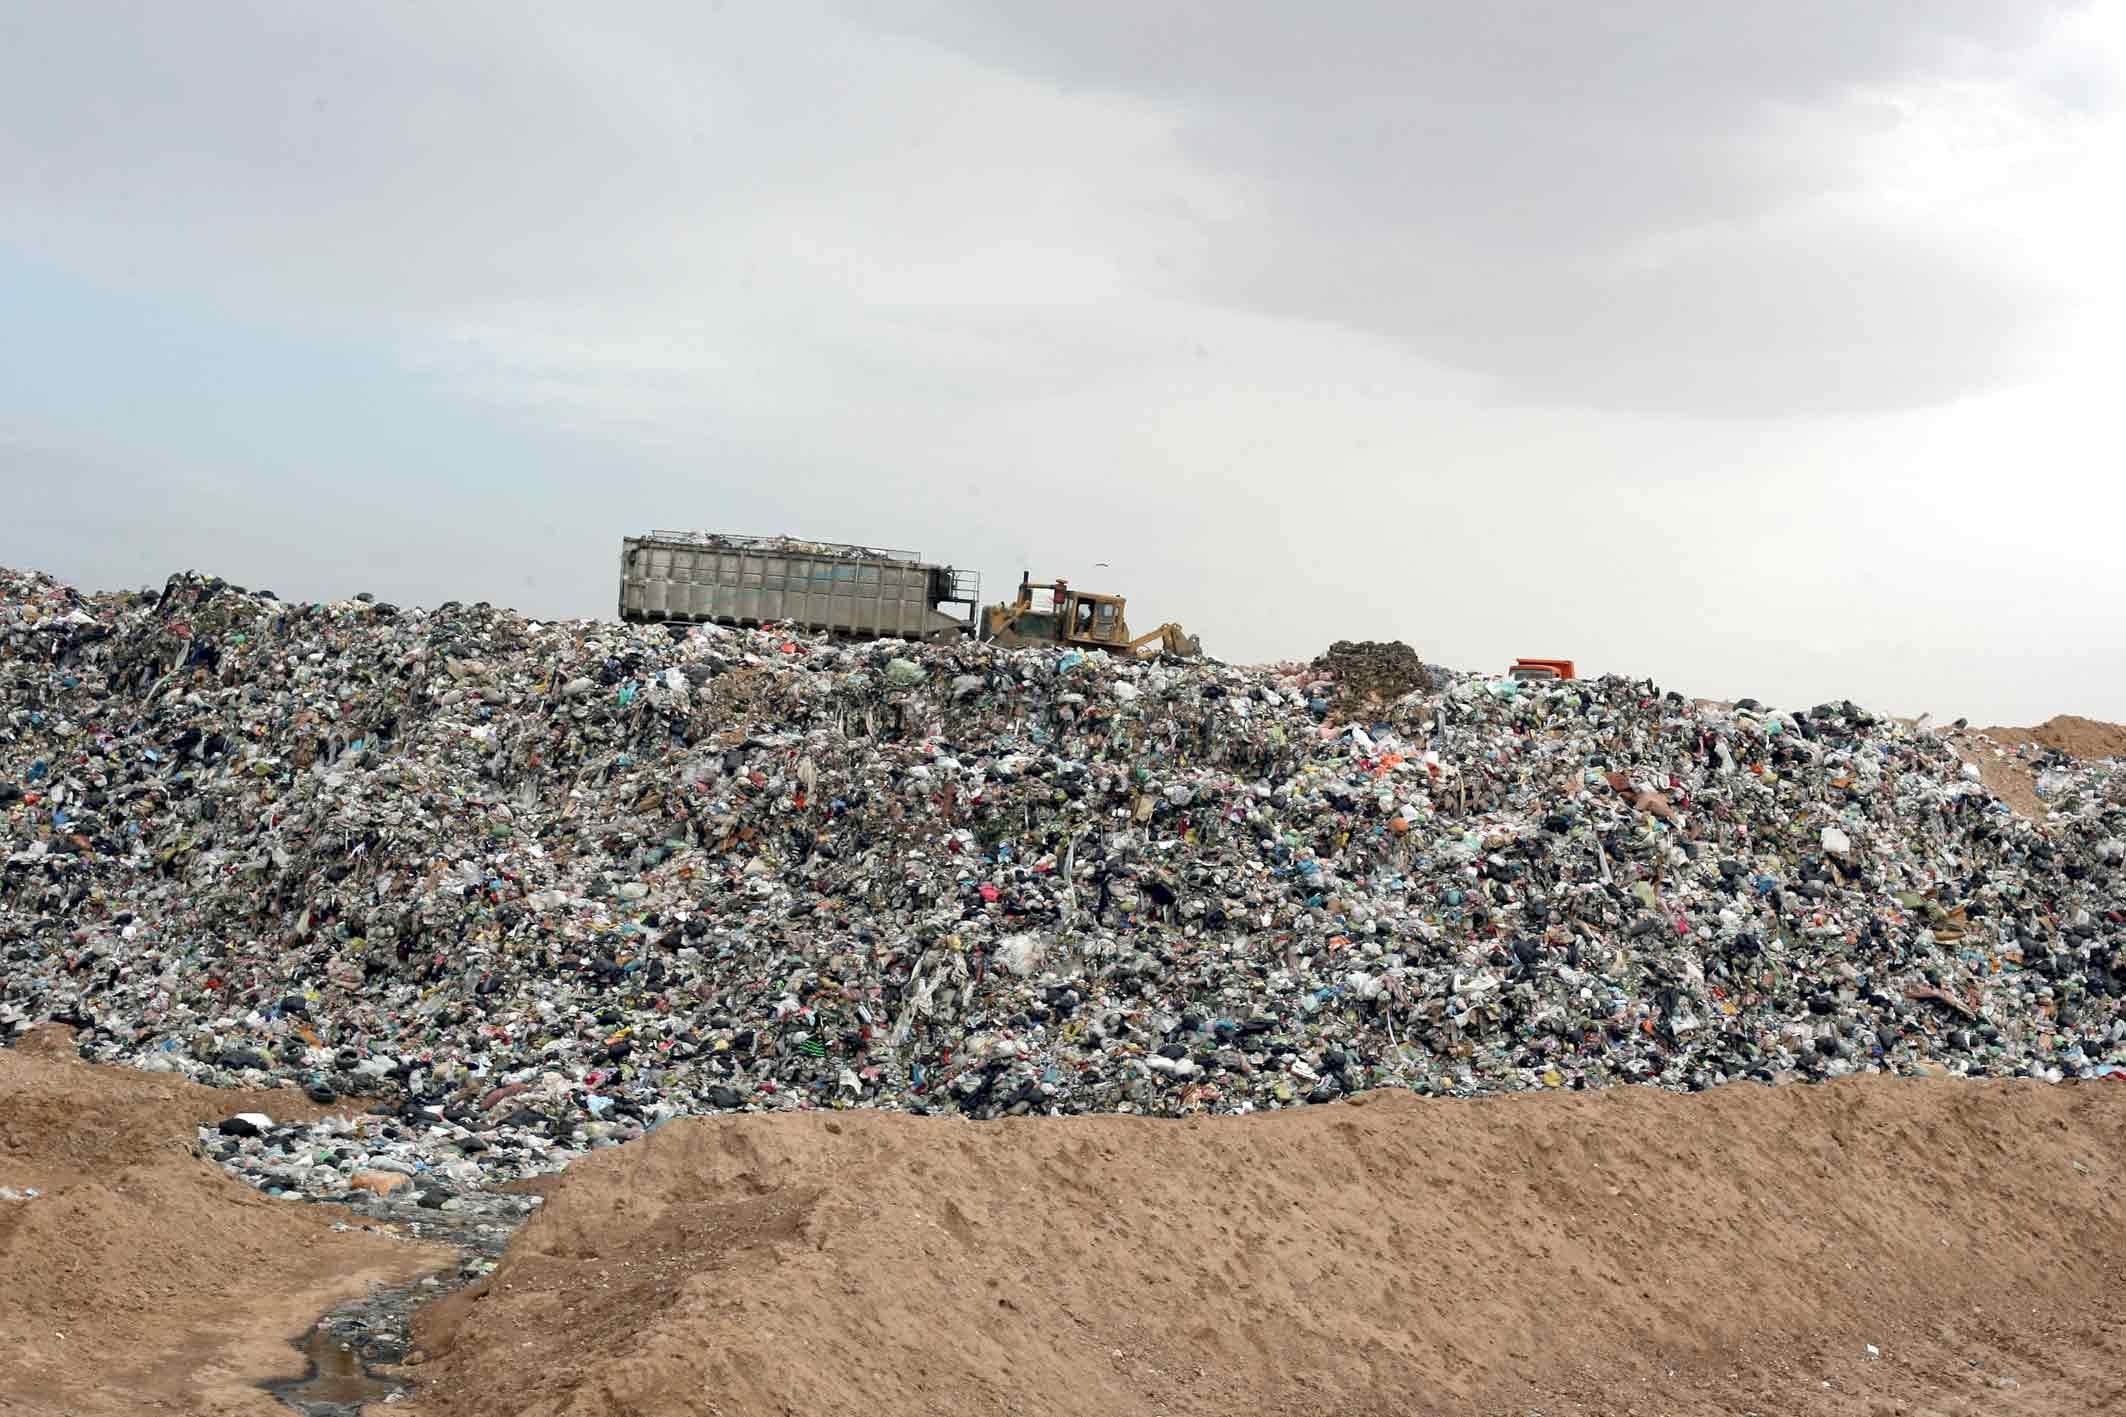 تراکم زباله برای تمدید عمر محل دفن زباله بسیار مهم است